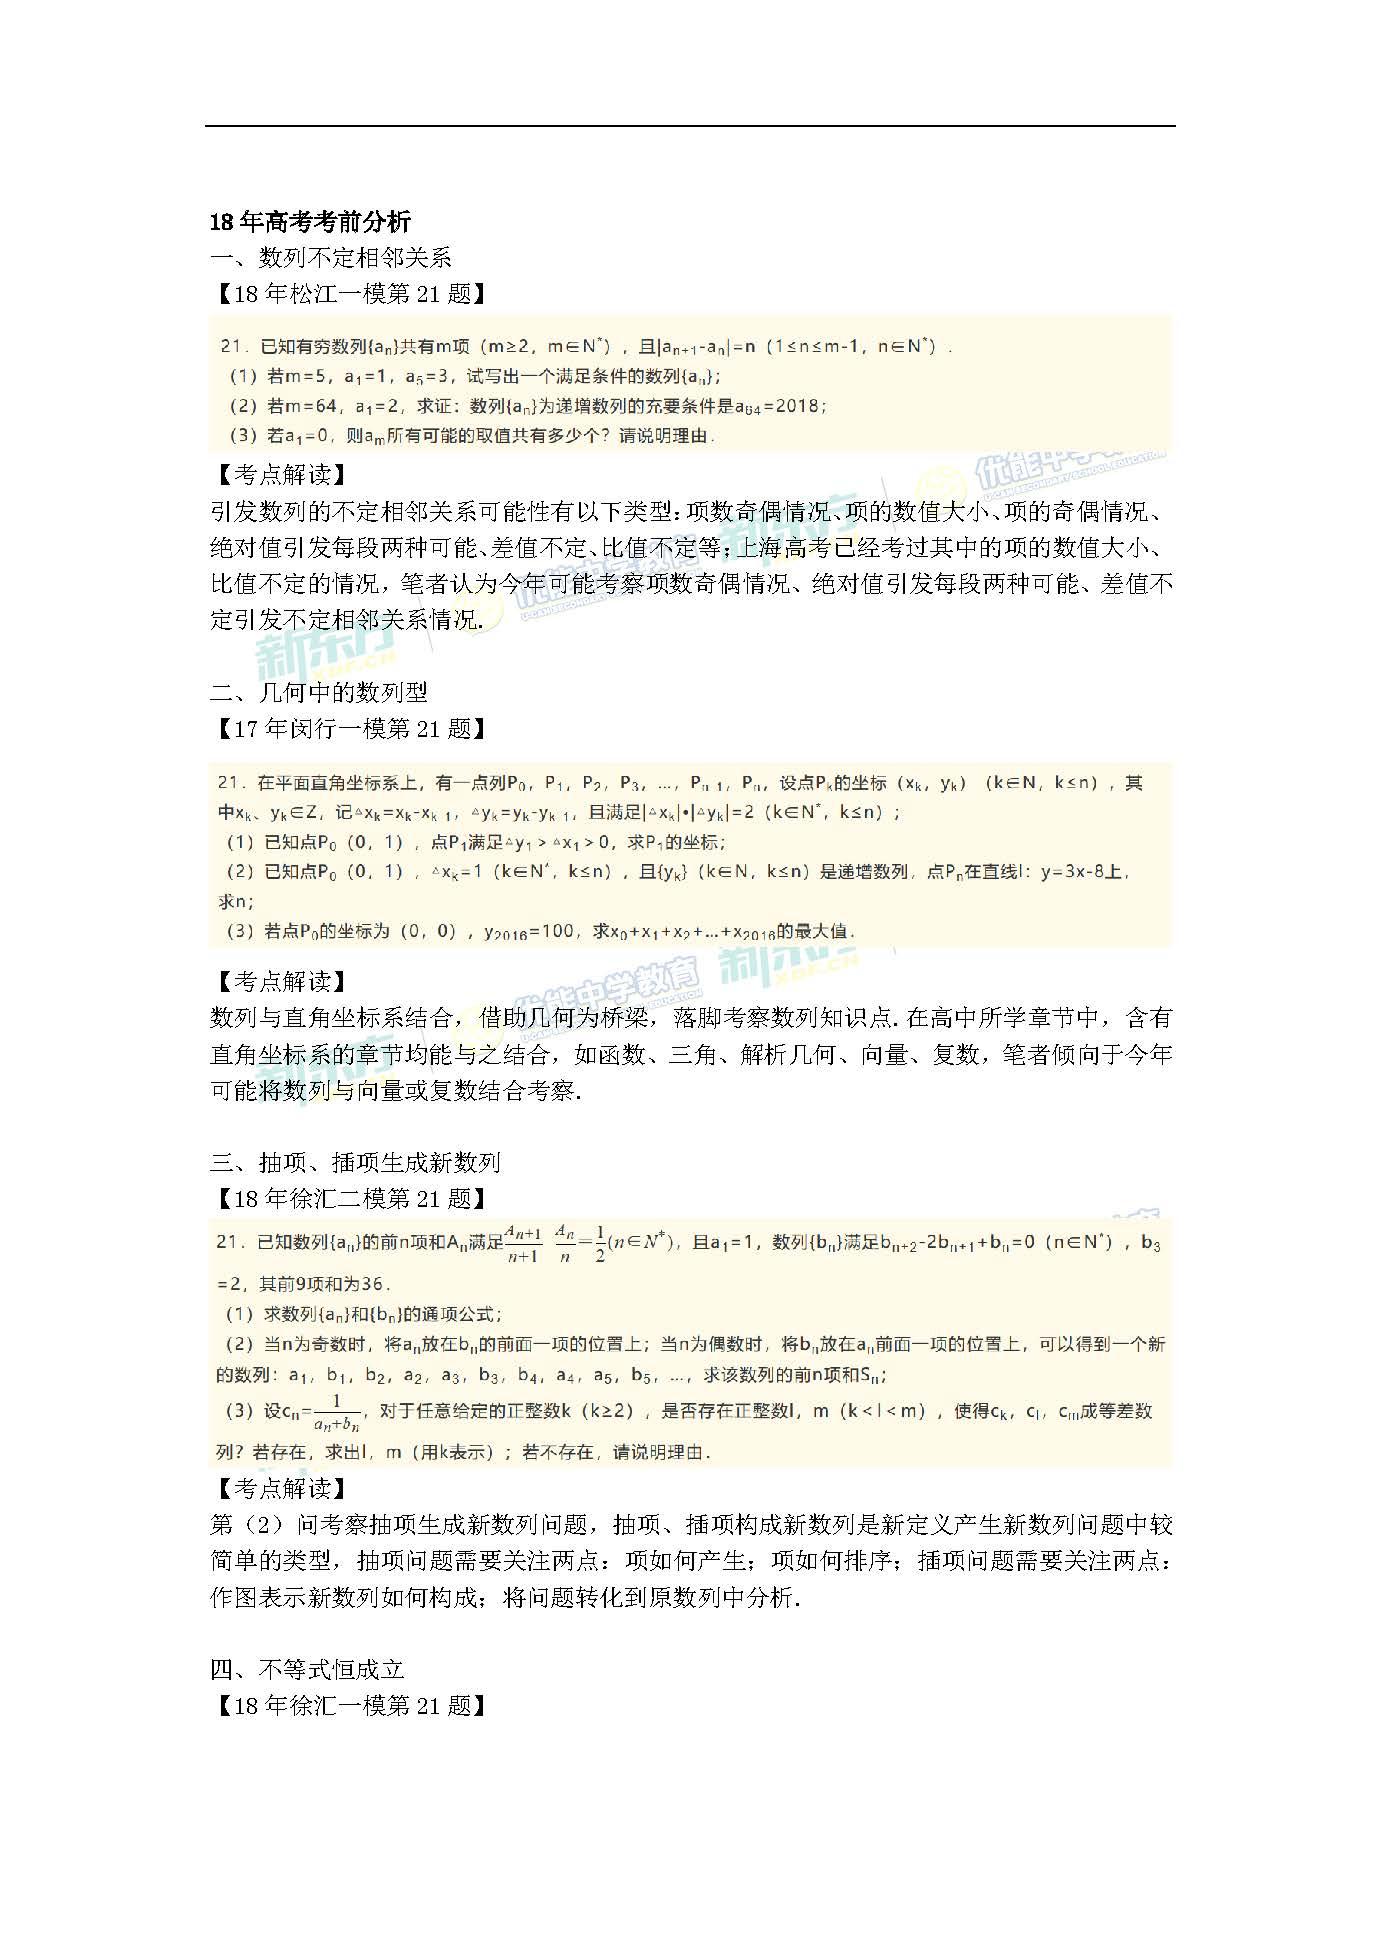 2018(上海卷)数学数列部分高考考前分析